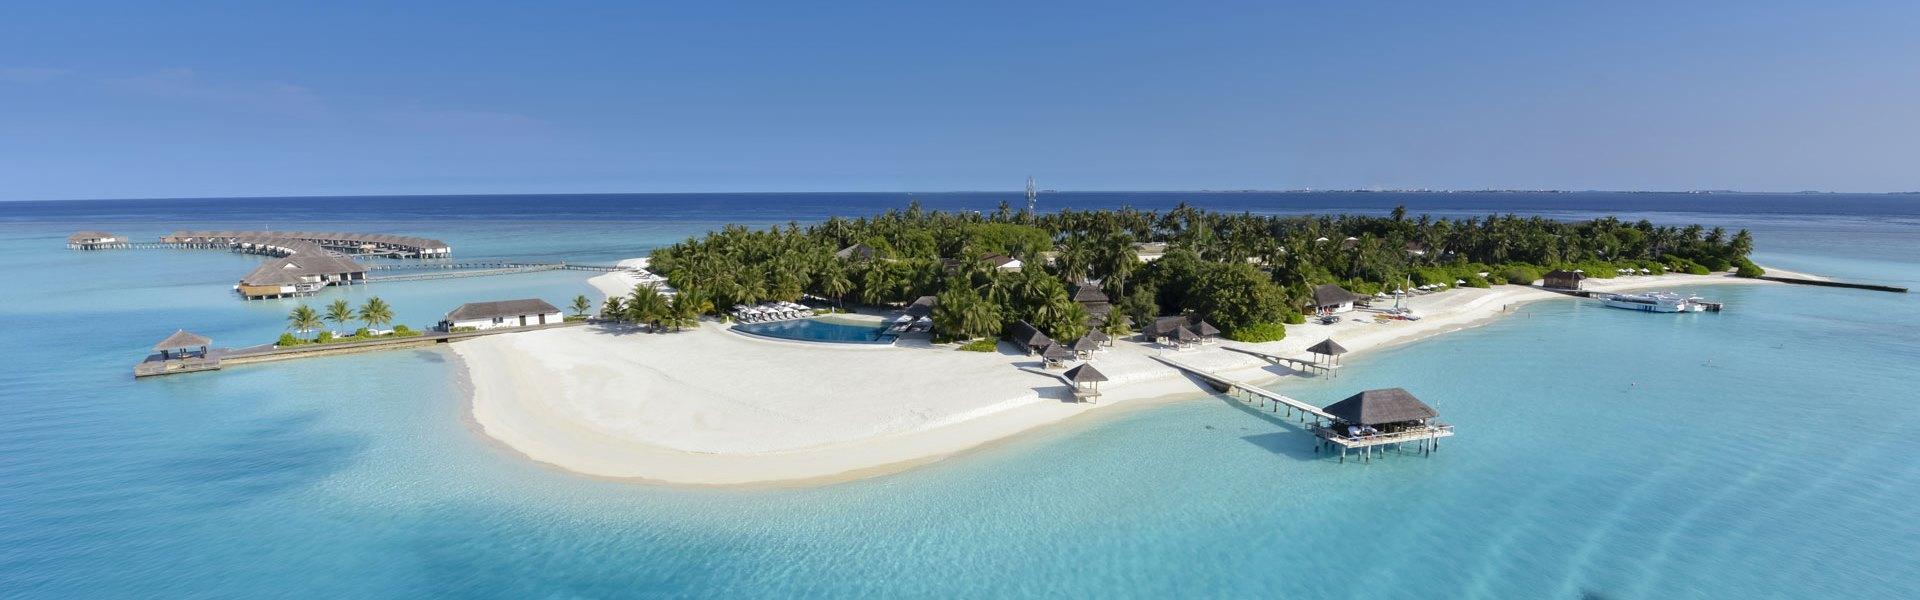 Velassaru Maldives (Maldív-szigeteki utazások)